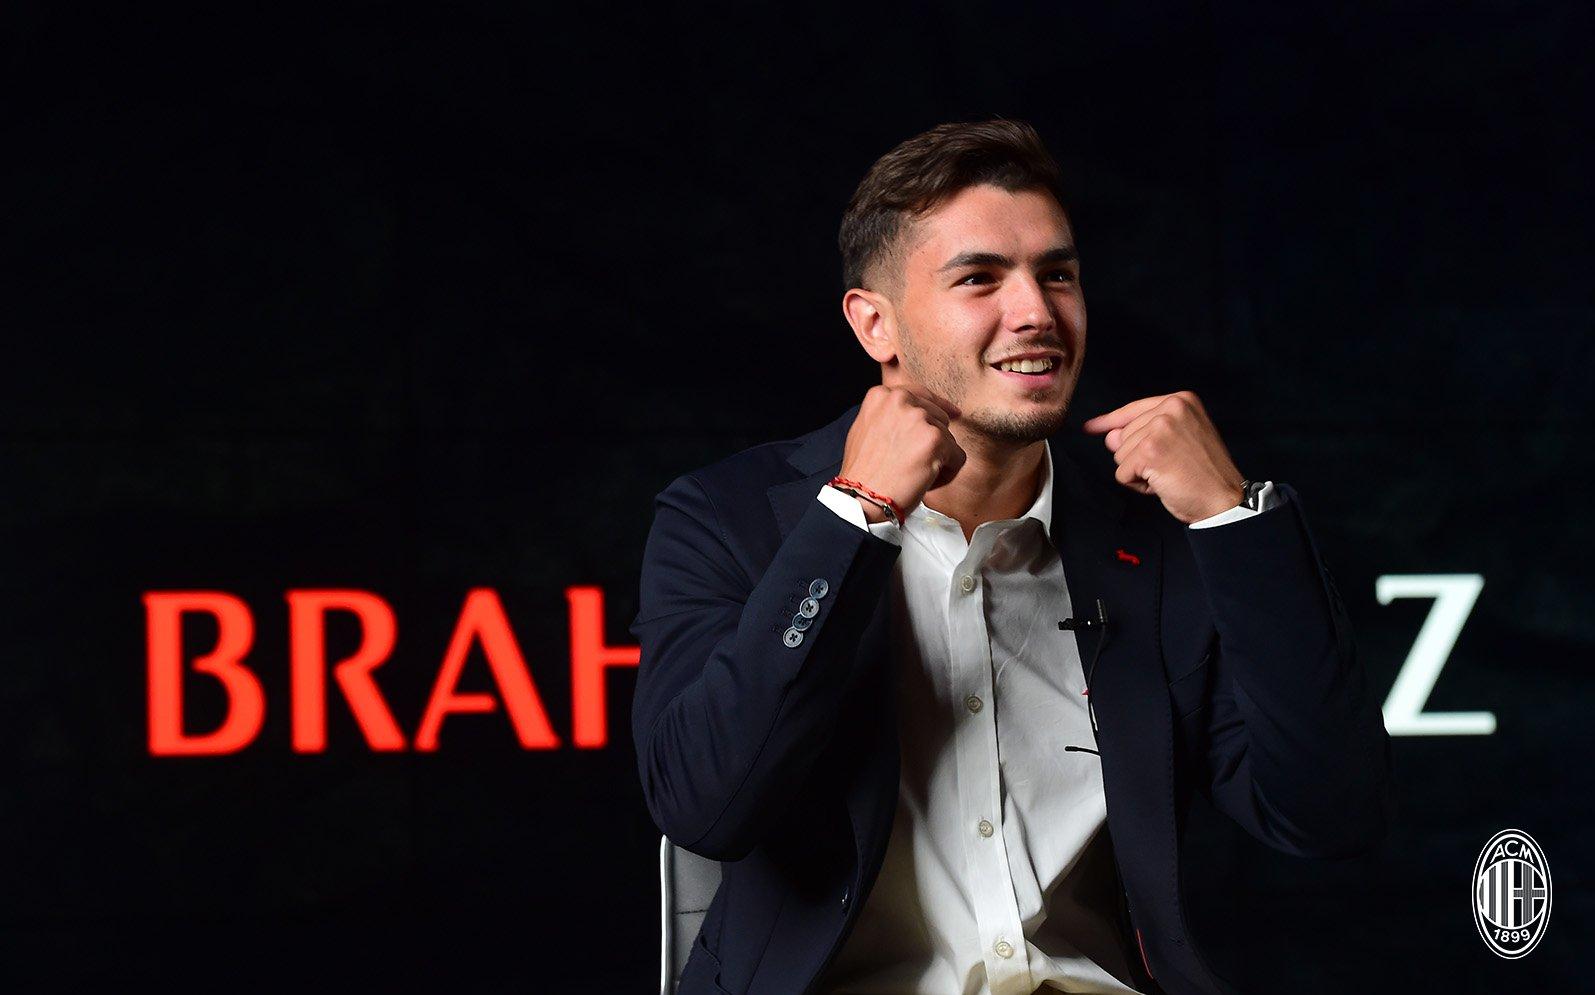 بازیکن رئال مادرید به میلان پیوست+تصاویر